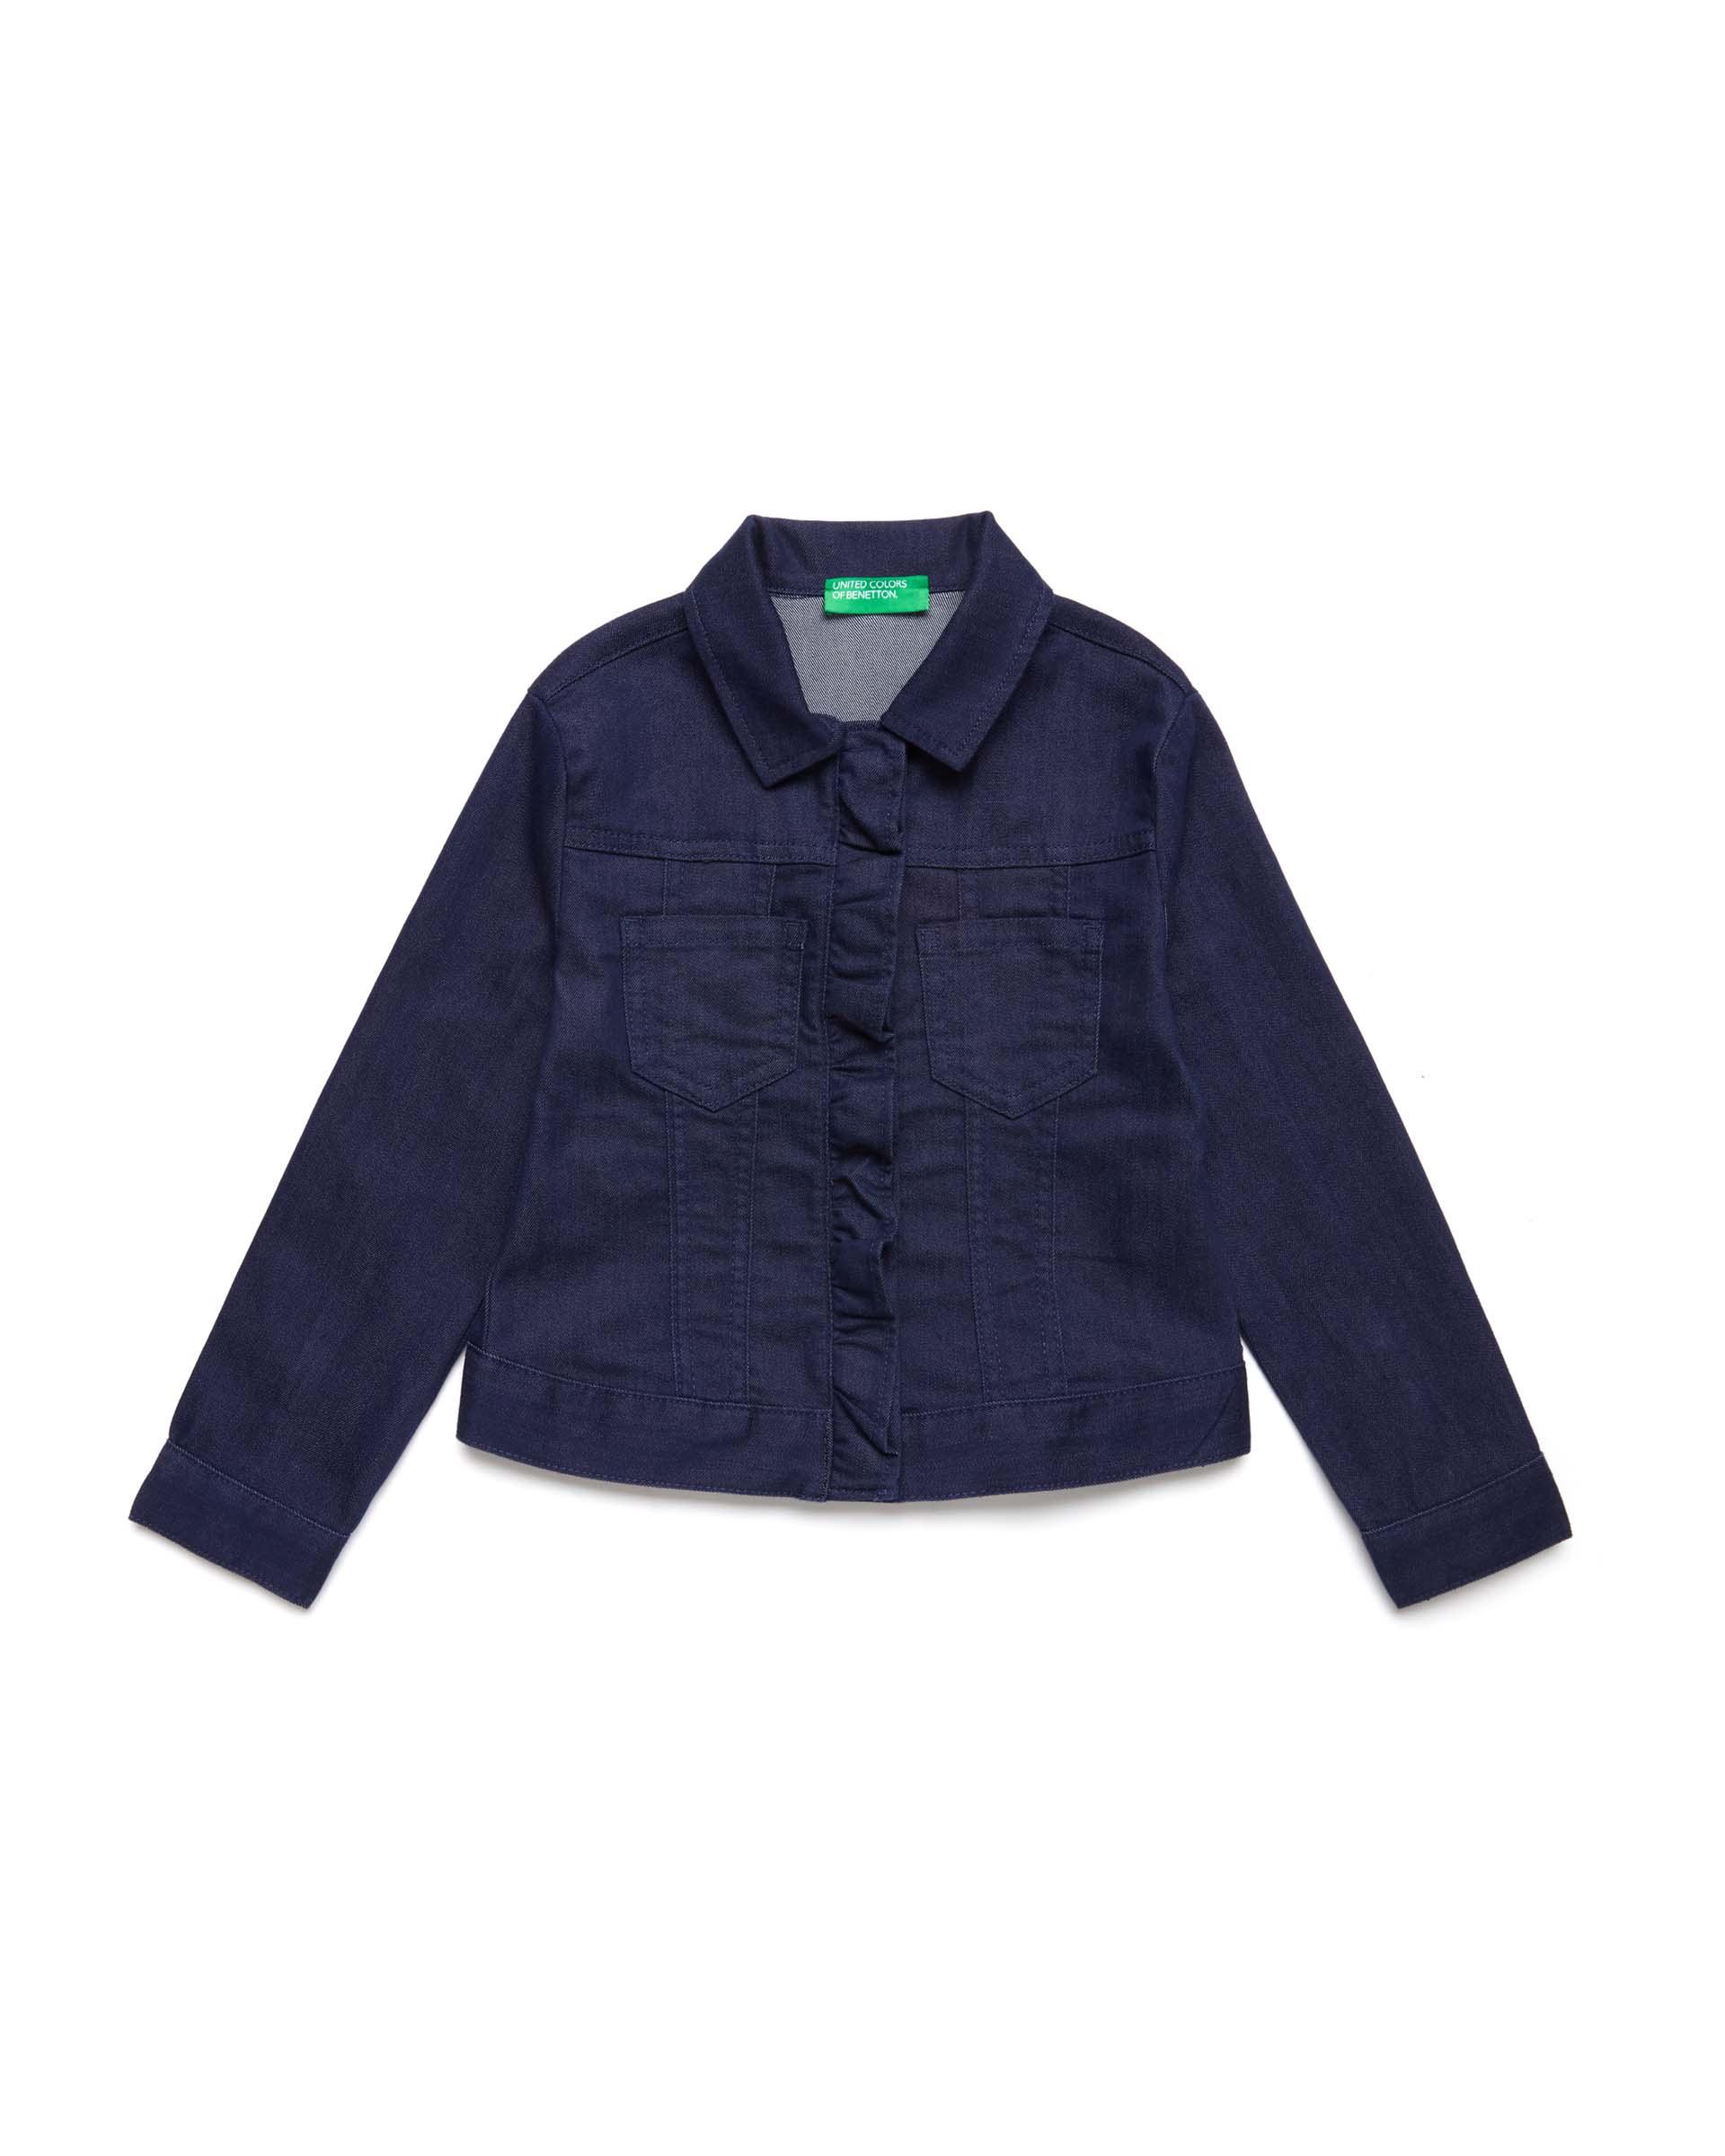 Купить 20P_2HB553I30_252, Джинсовая куртка для девочек Benetton 2HB553I30_252 р-р 128, United Colors of Benetton, Куртки для девочек